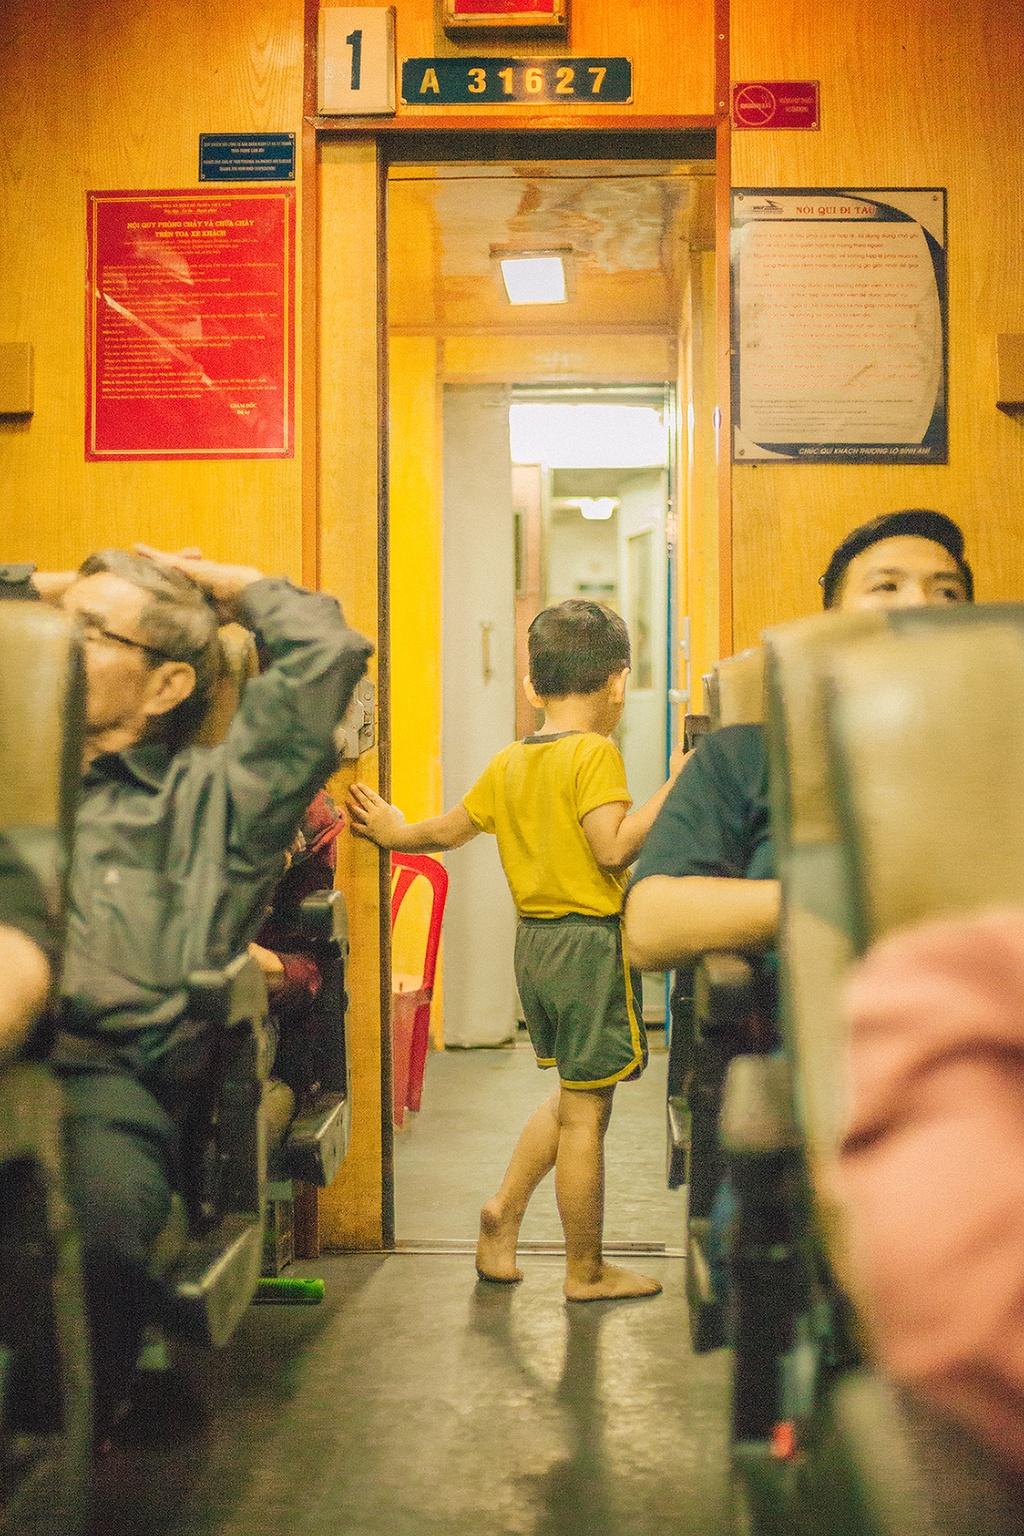 #Mytour: 9X An Giang va chuyen kham pha Hue chi trong mot ngay hinh anh 2